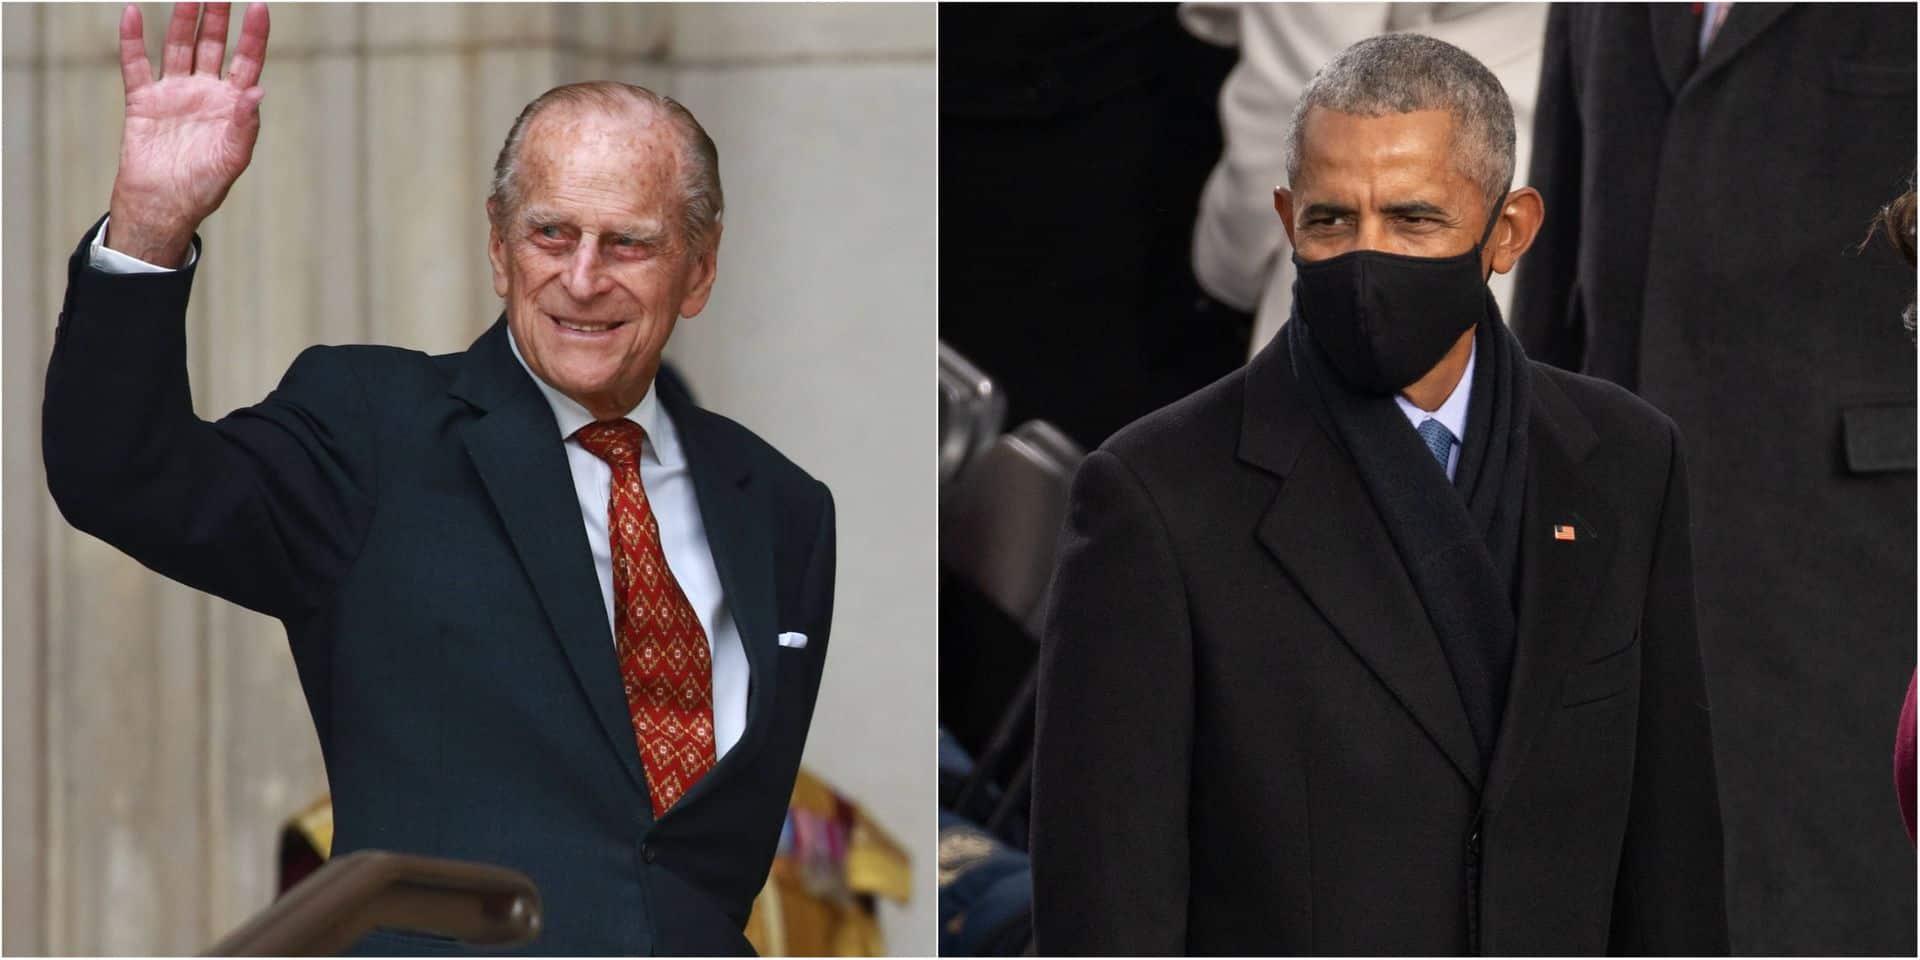 """Barack Obama rend hommage au prince Philip : """"Il a montré au monde entier ce que signifiait être le mari d'une femme puissante"""""""